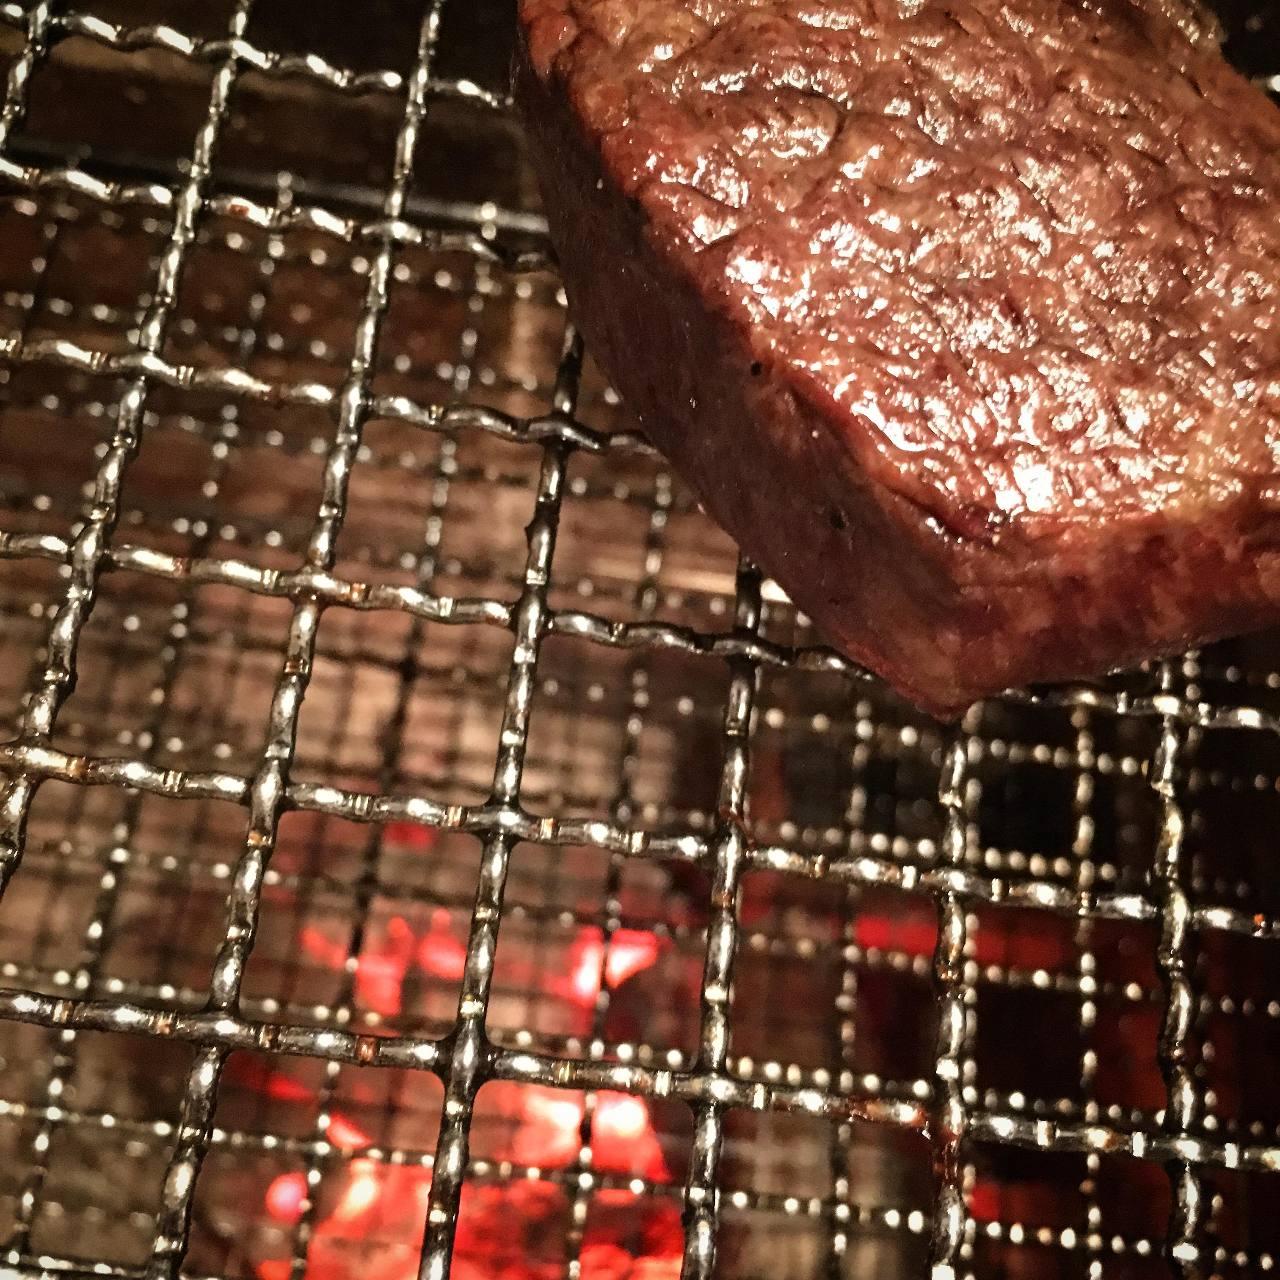 遠火でじっくり丁寧に焼くお肉。